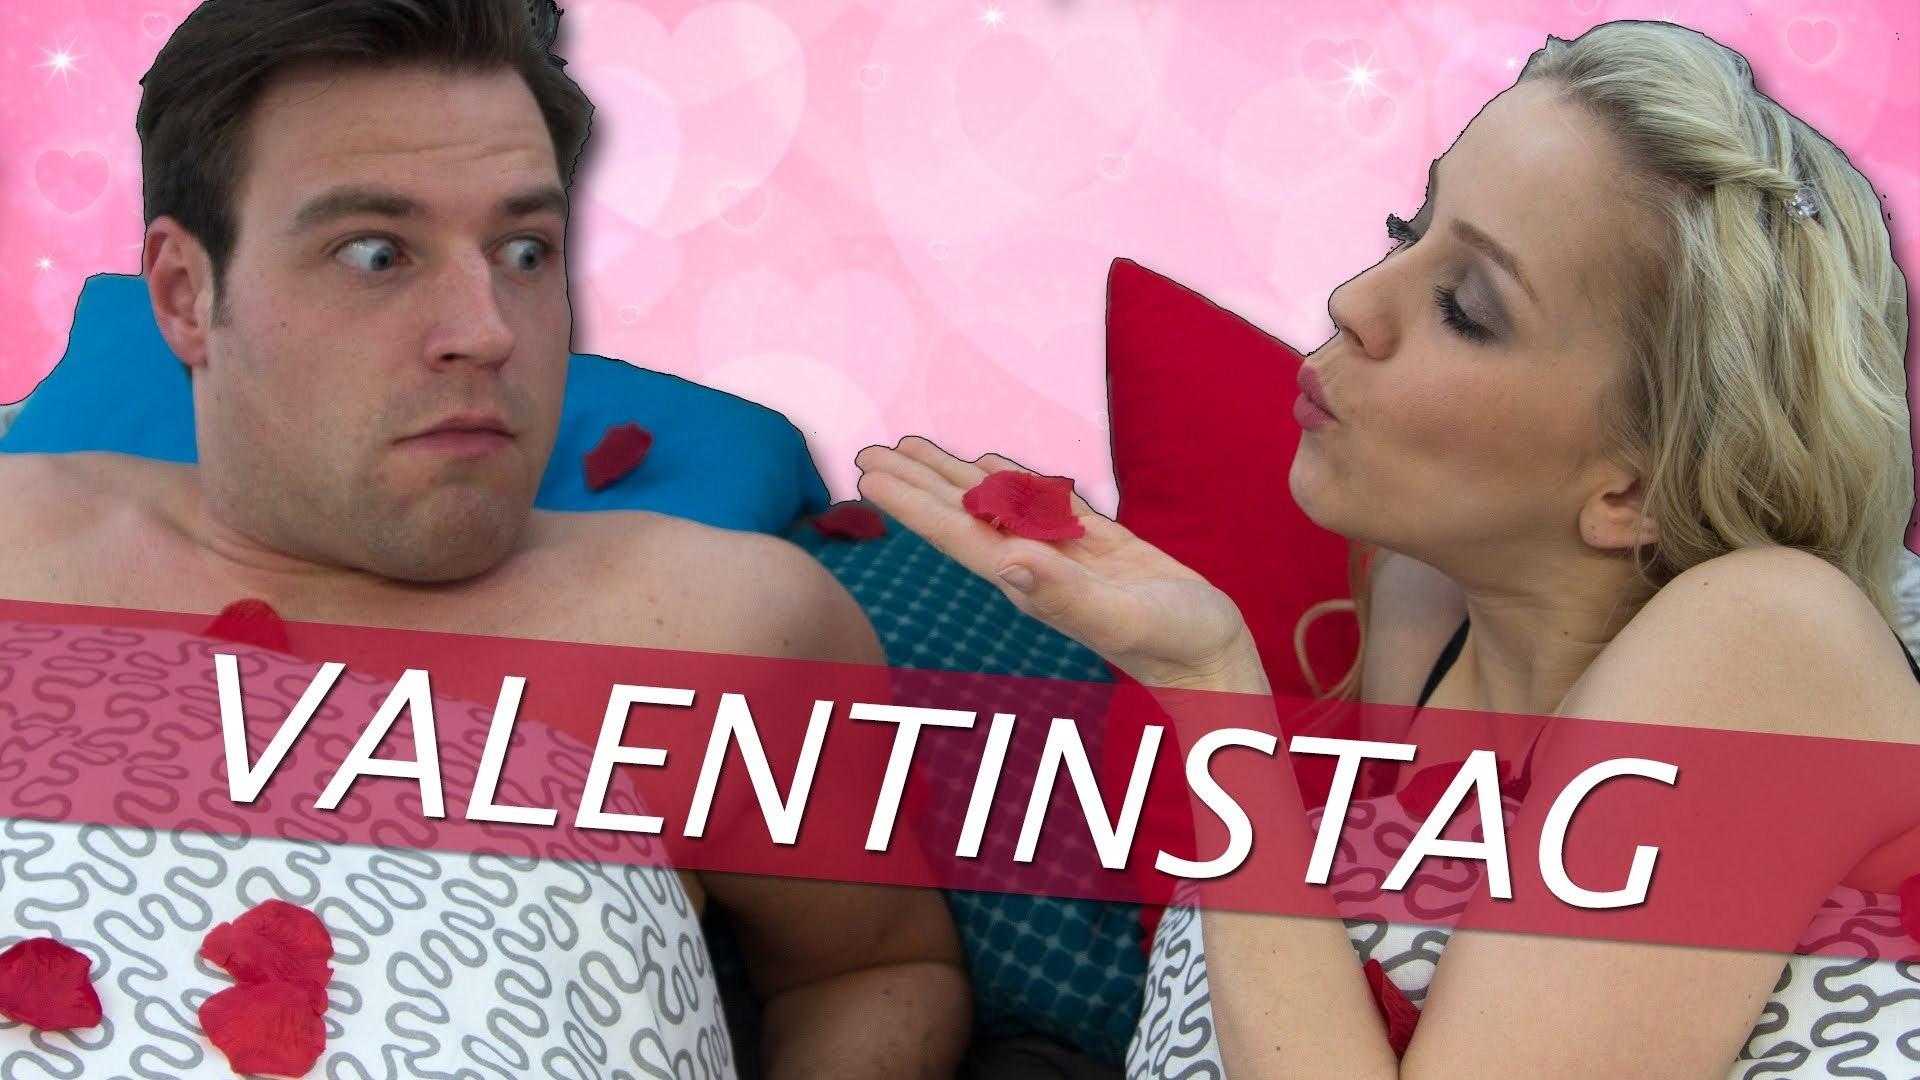 VALENTINSTAG: Sinn oder Unsinn? - Love&Sex